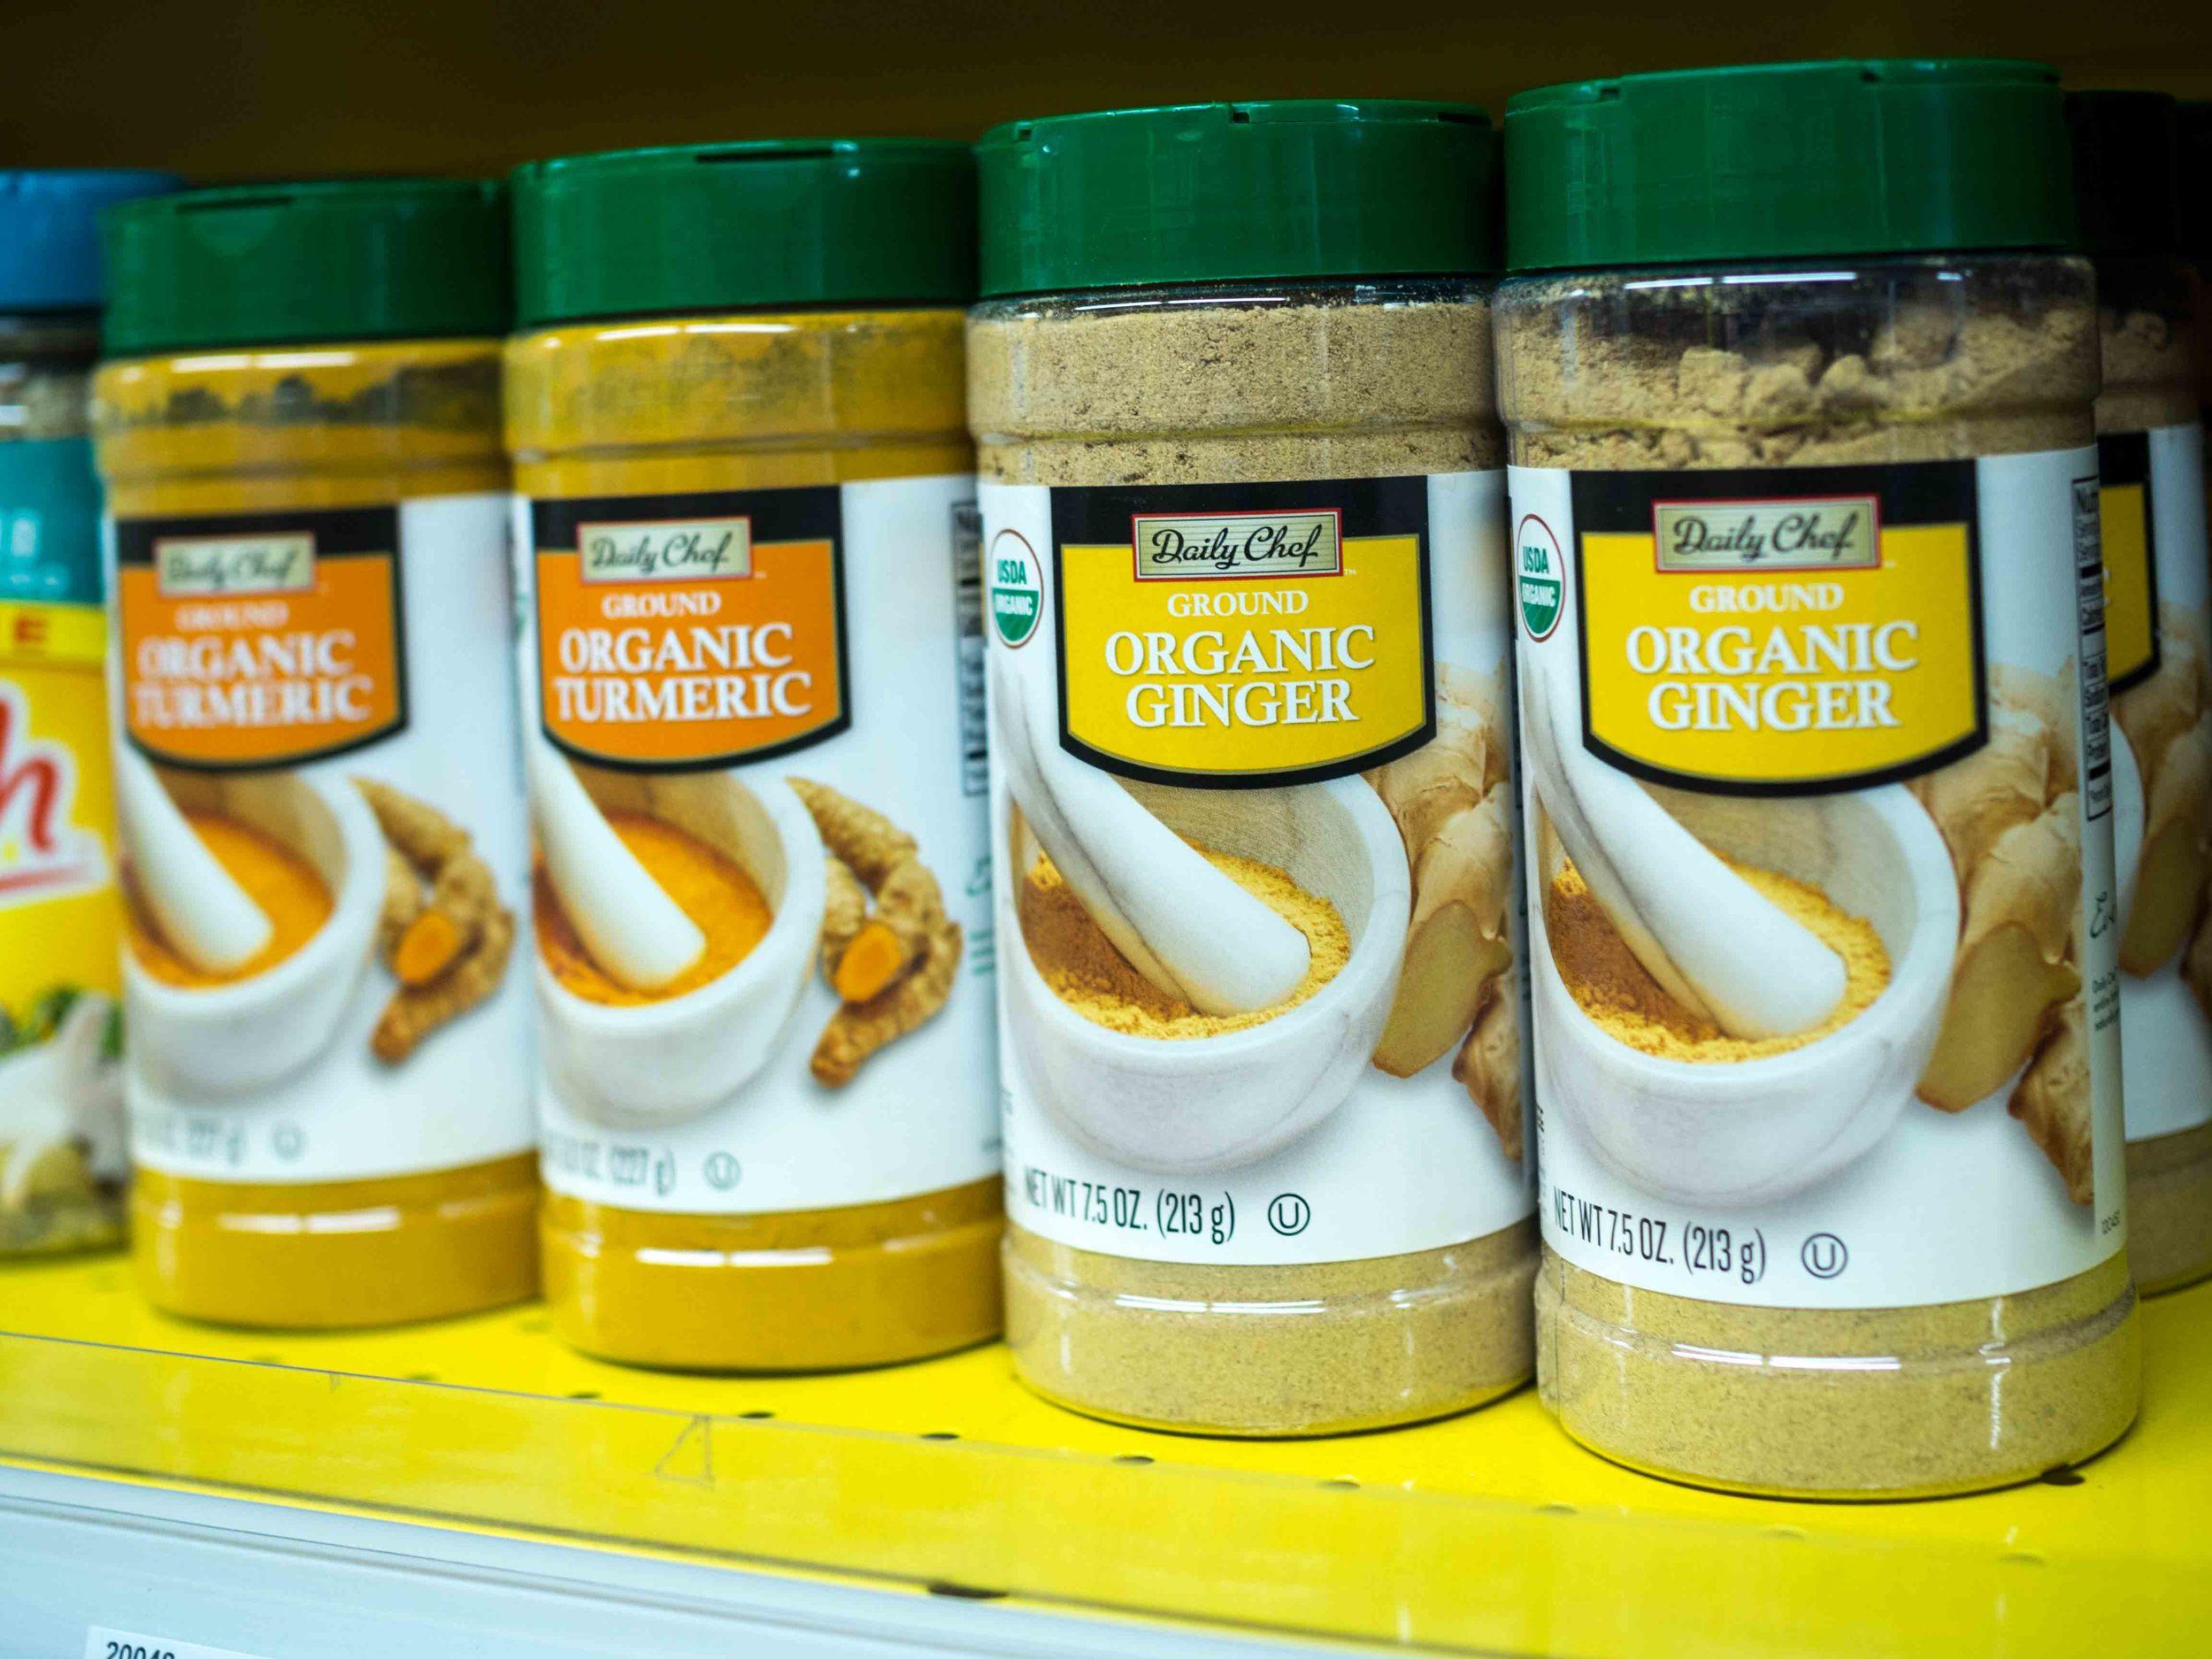 Daily Chef Organic Ground Ginger